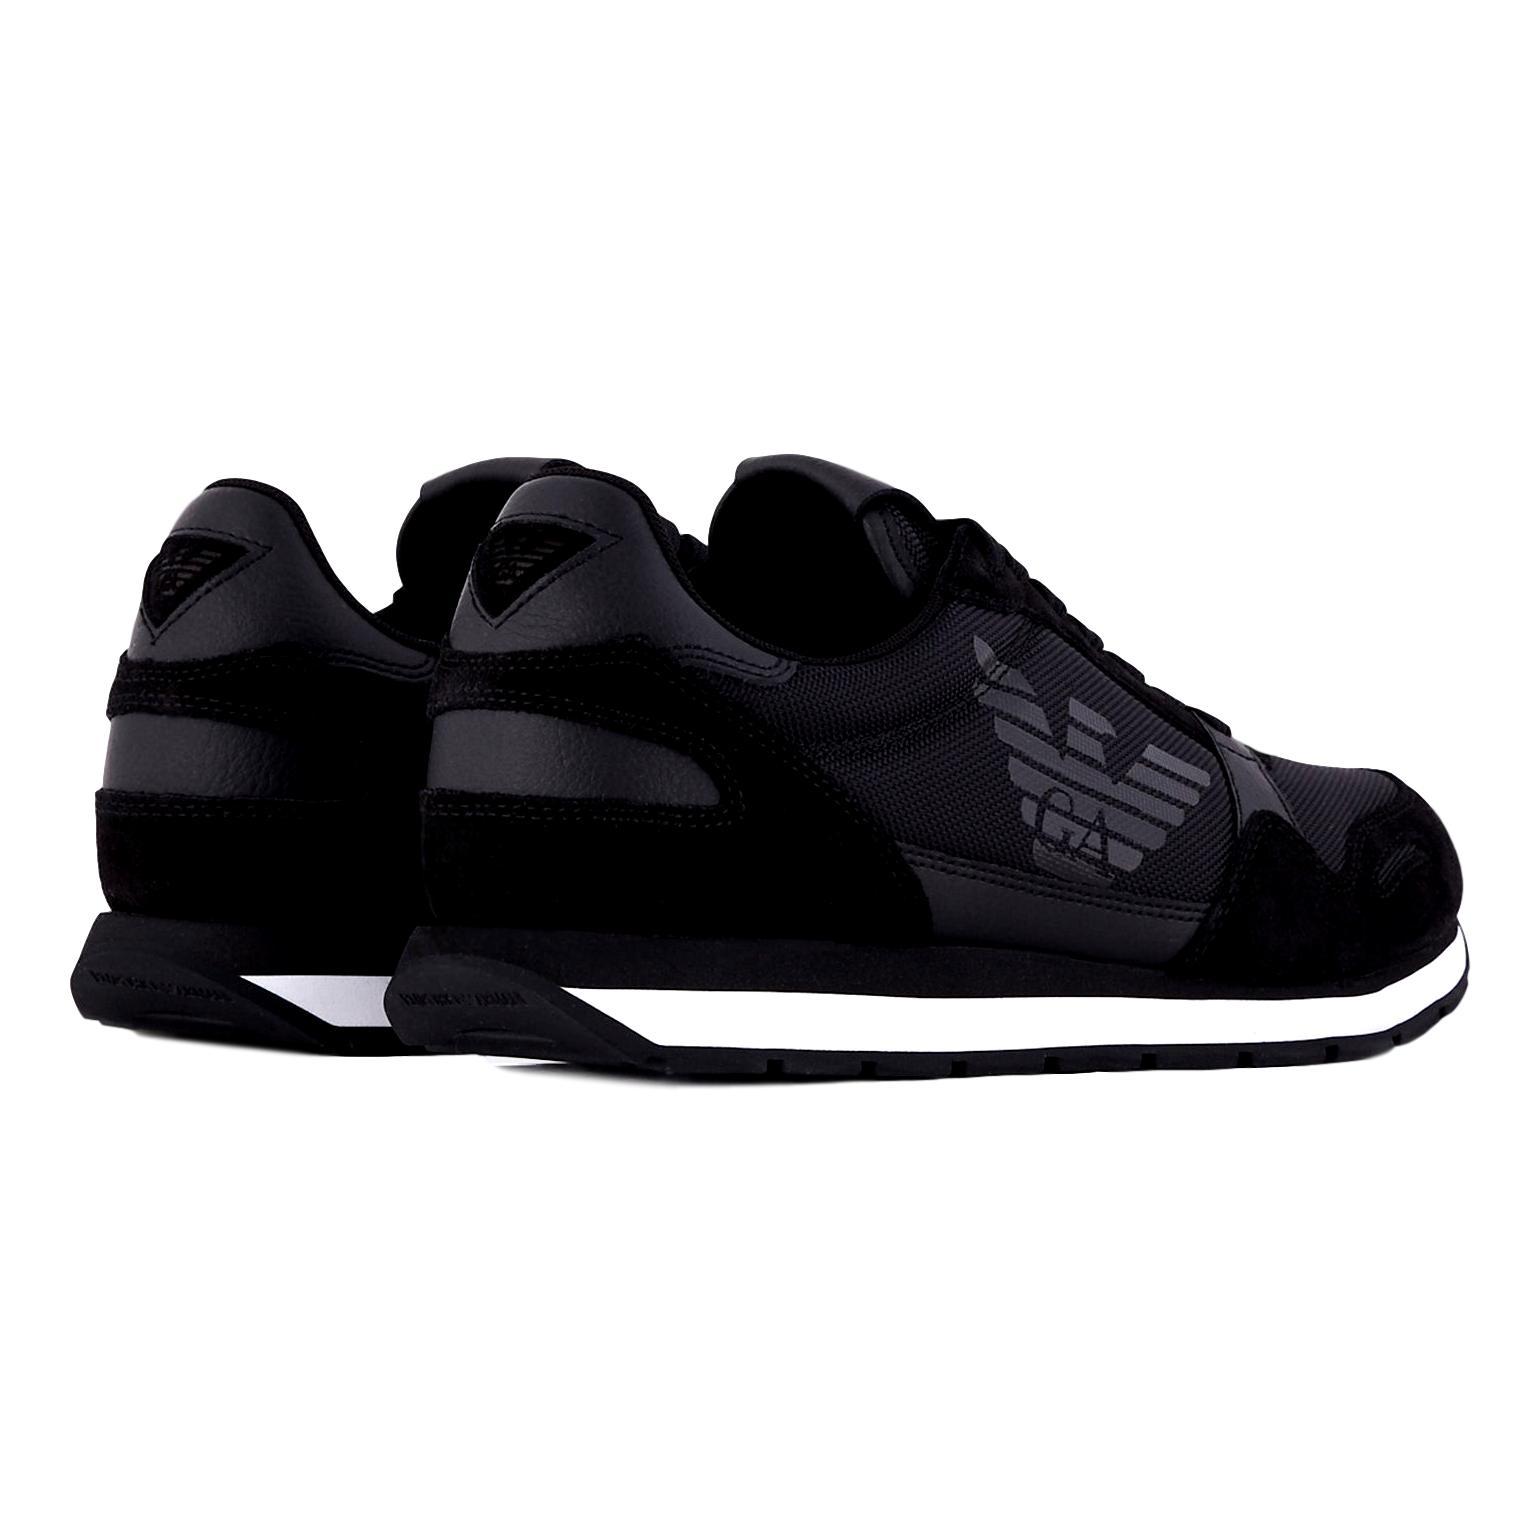 Emporio Armani Sneakers EMPORIO ARMANI | Scarpe | X4X215 XL198A792